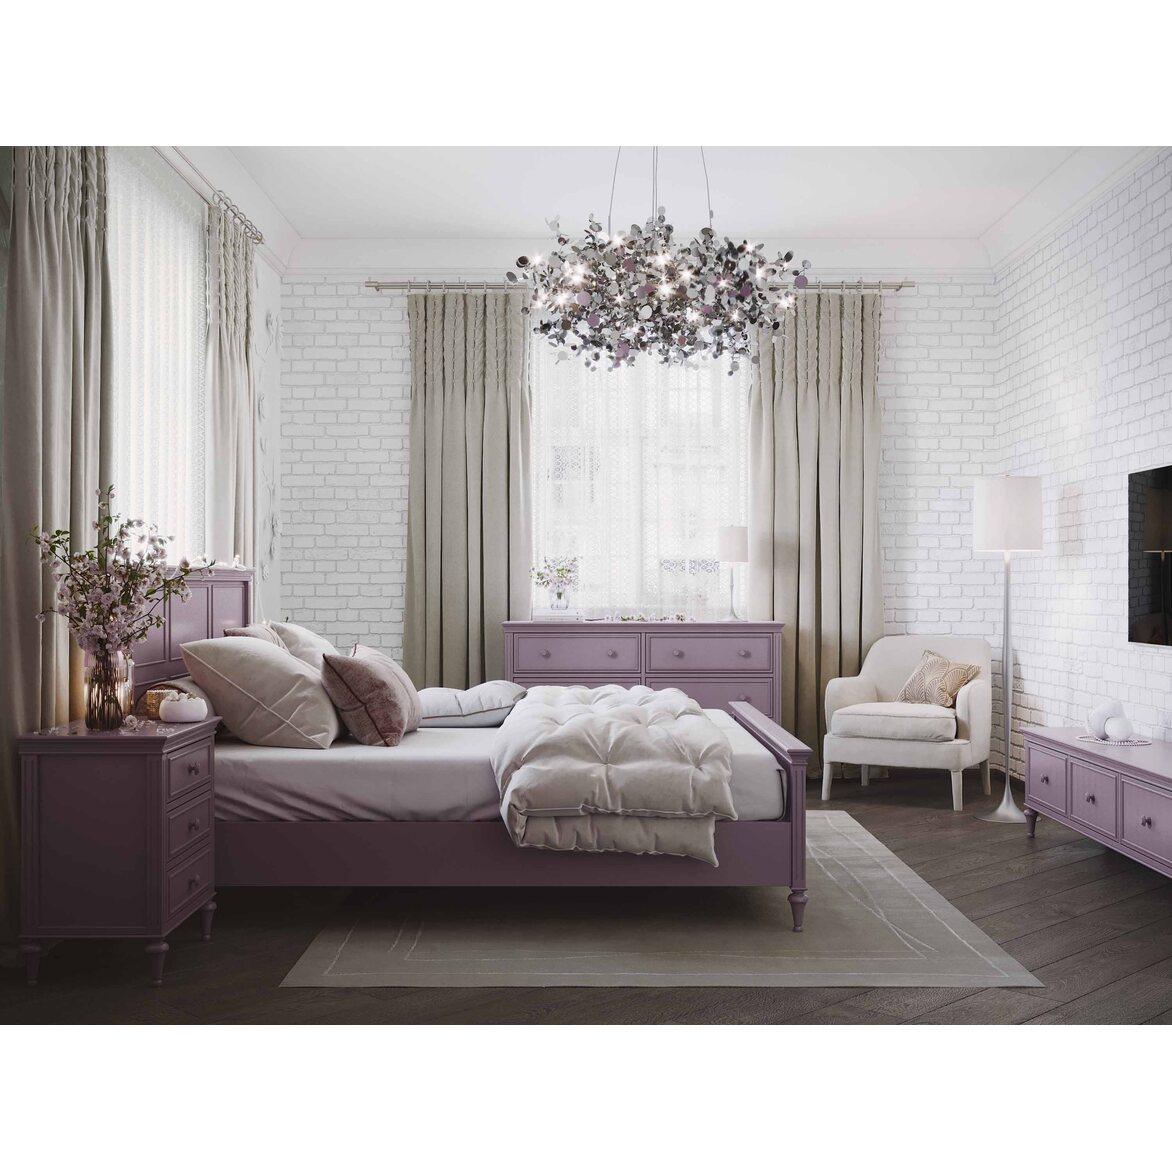 Кровать 160*200 Riverdi, орхидея 6 | Двуспальные кровати Kingsby